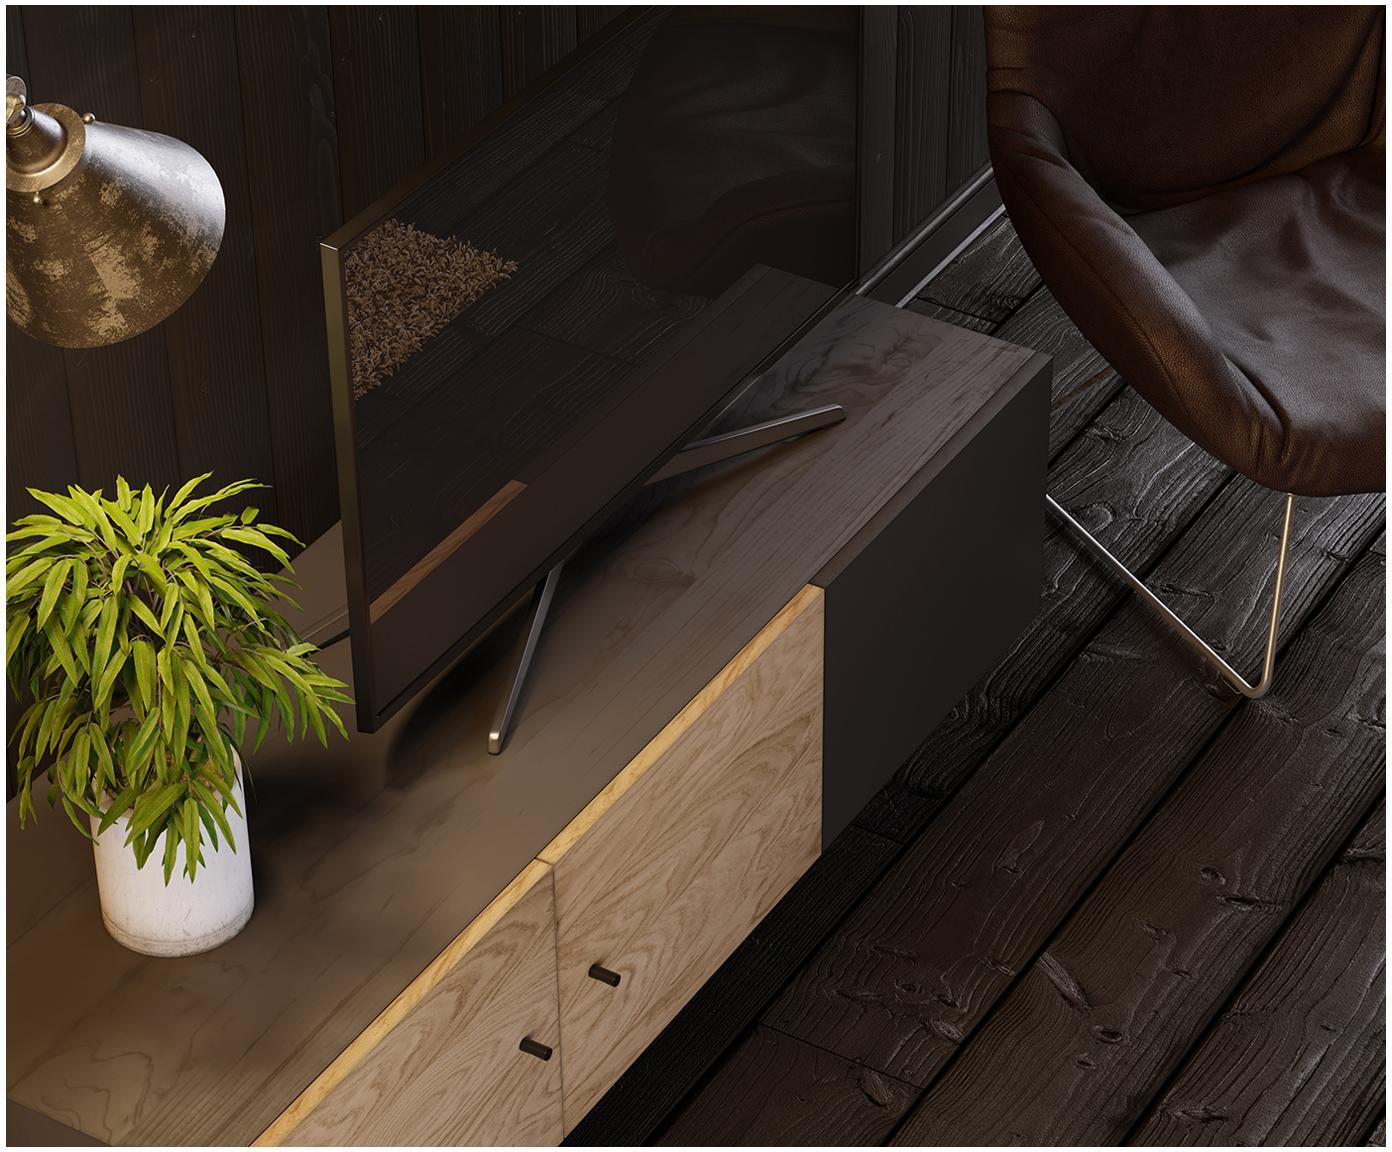 Tv-meubel Youth met eikenhoutfineer, Frame: spaanplaat, gebeitst eike, Poten: gepoedercoat metaal, eike, Handvatten: gepoedercoat metaal, Frame: eikenhoutkleurig, zwart gebeitst. Voorkant: eikenhoutkleurig, zwart, 150 x 52 cm